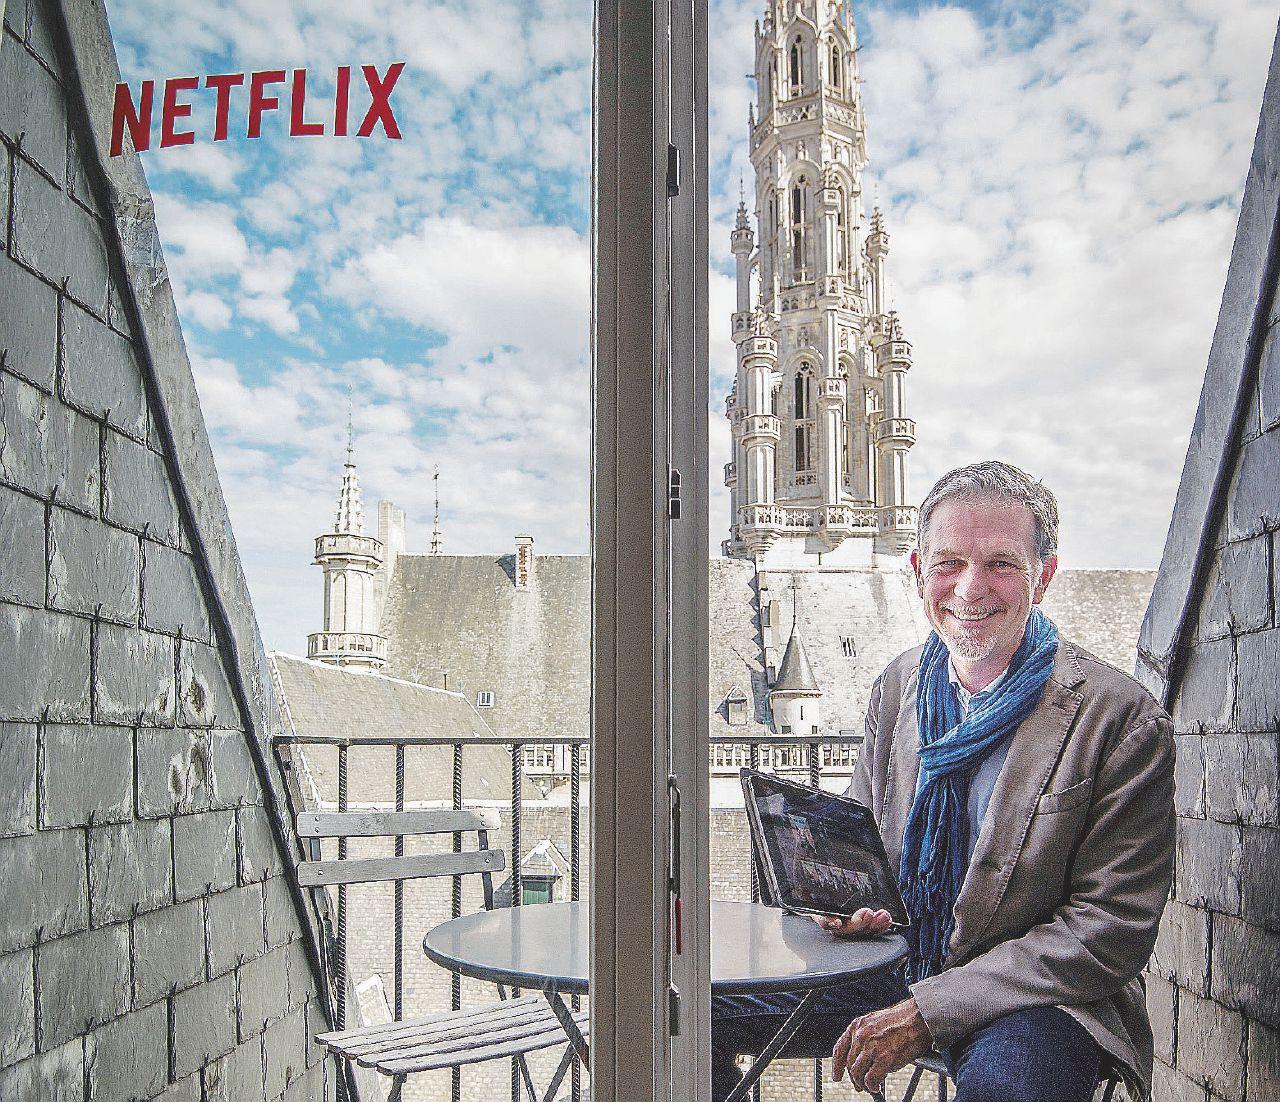 Il tempoè denaro: la corsa contro il sonno di Netflix & C.